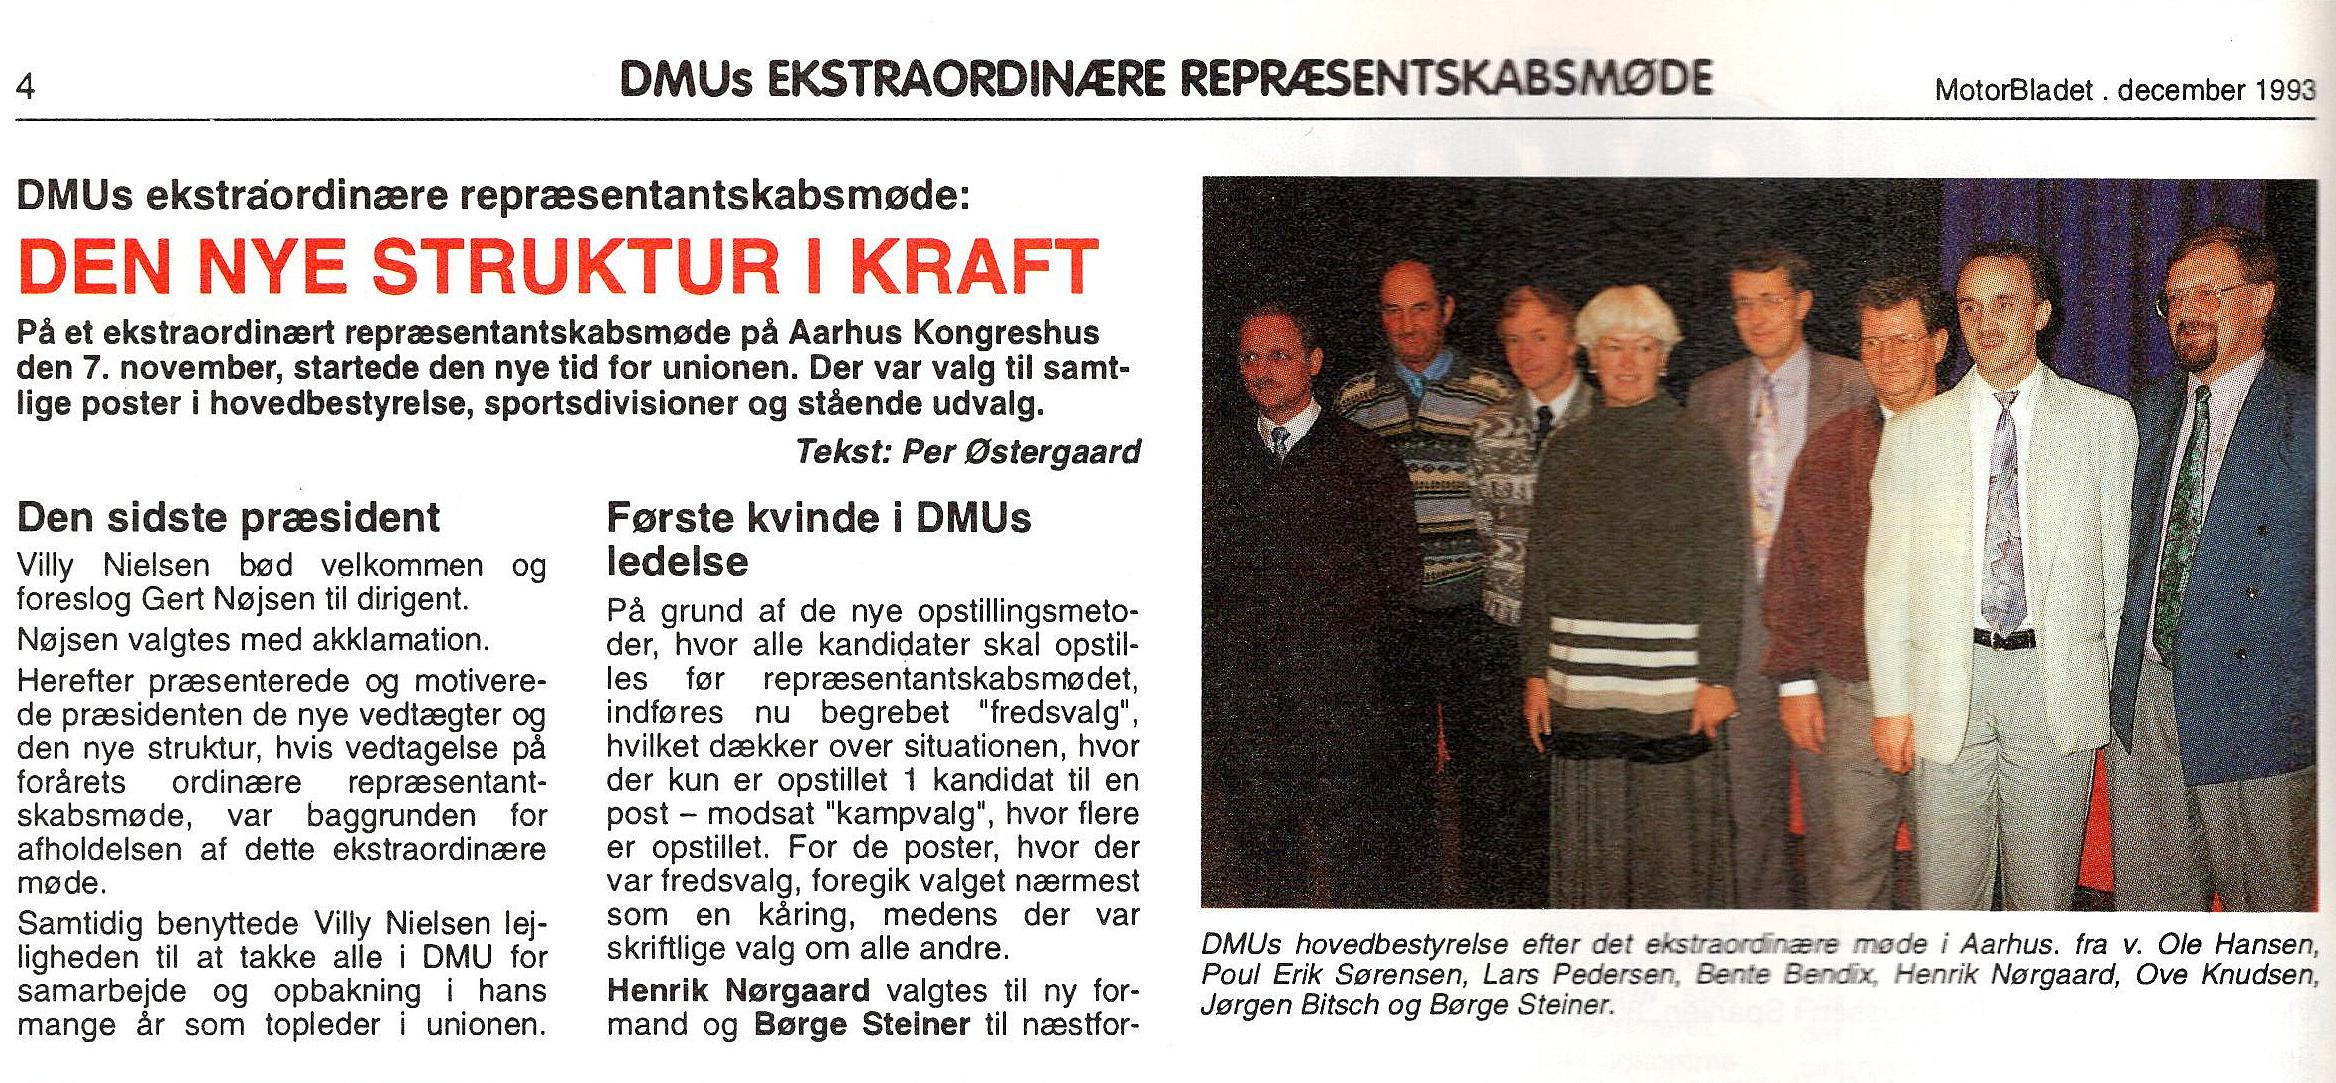 """DMU´s bestyrelse i 1993 efter overgang til """"Den Nye Struktur""""."""